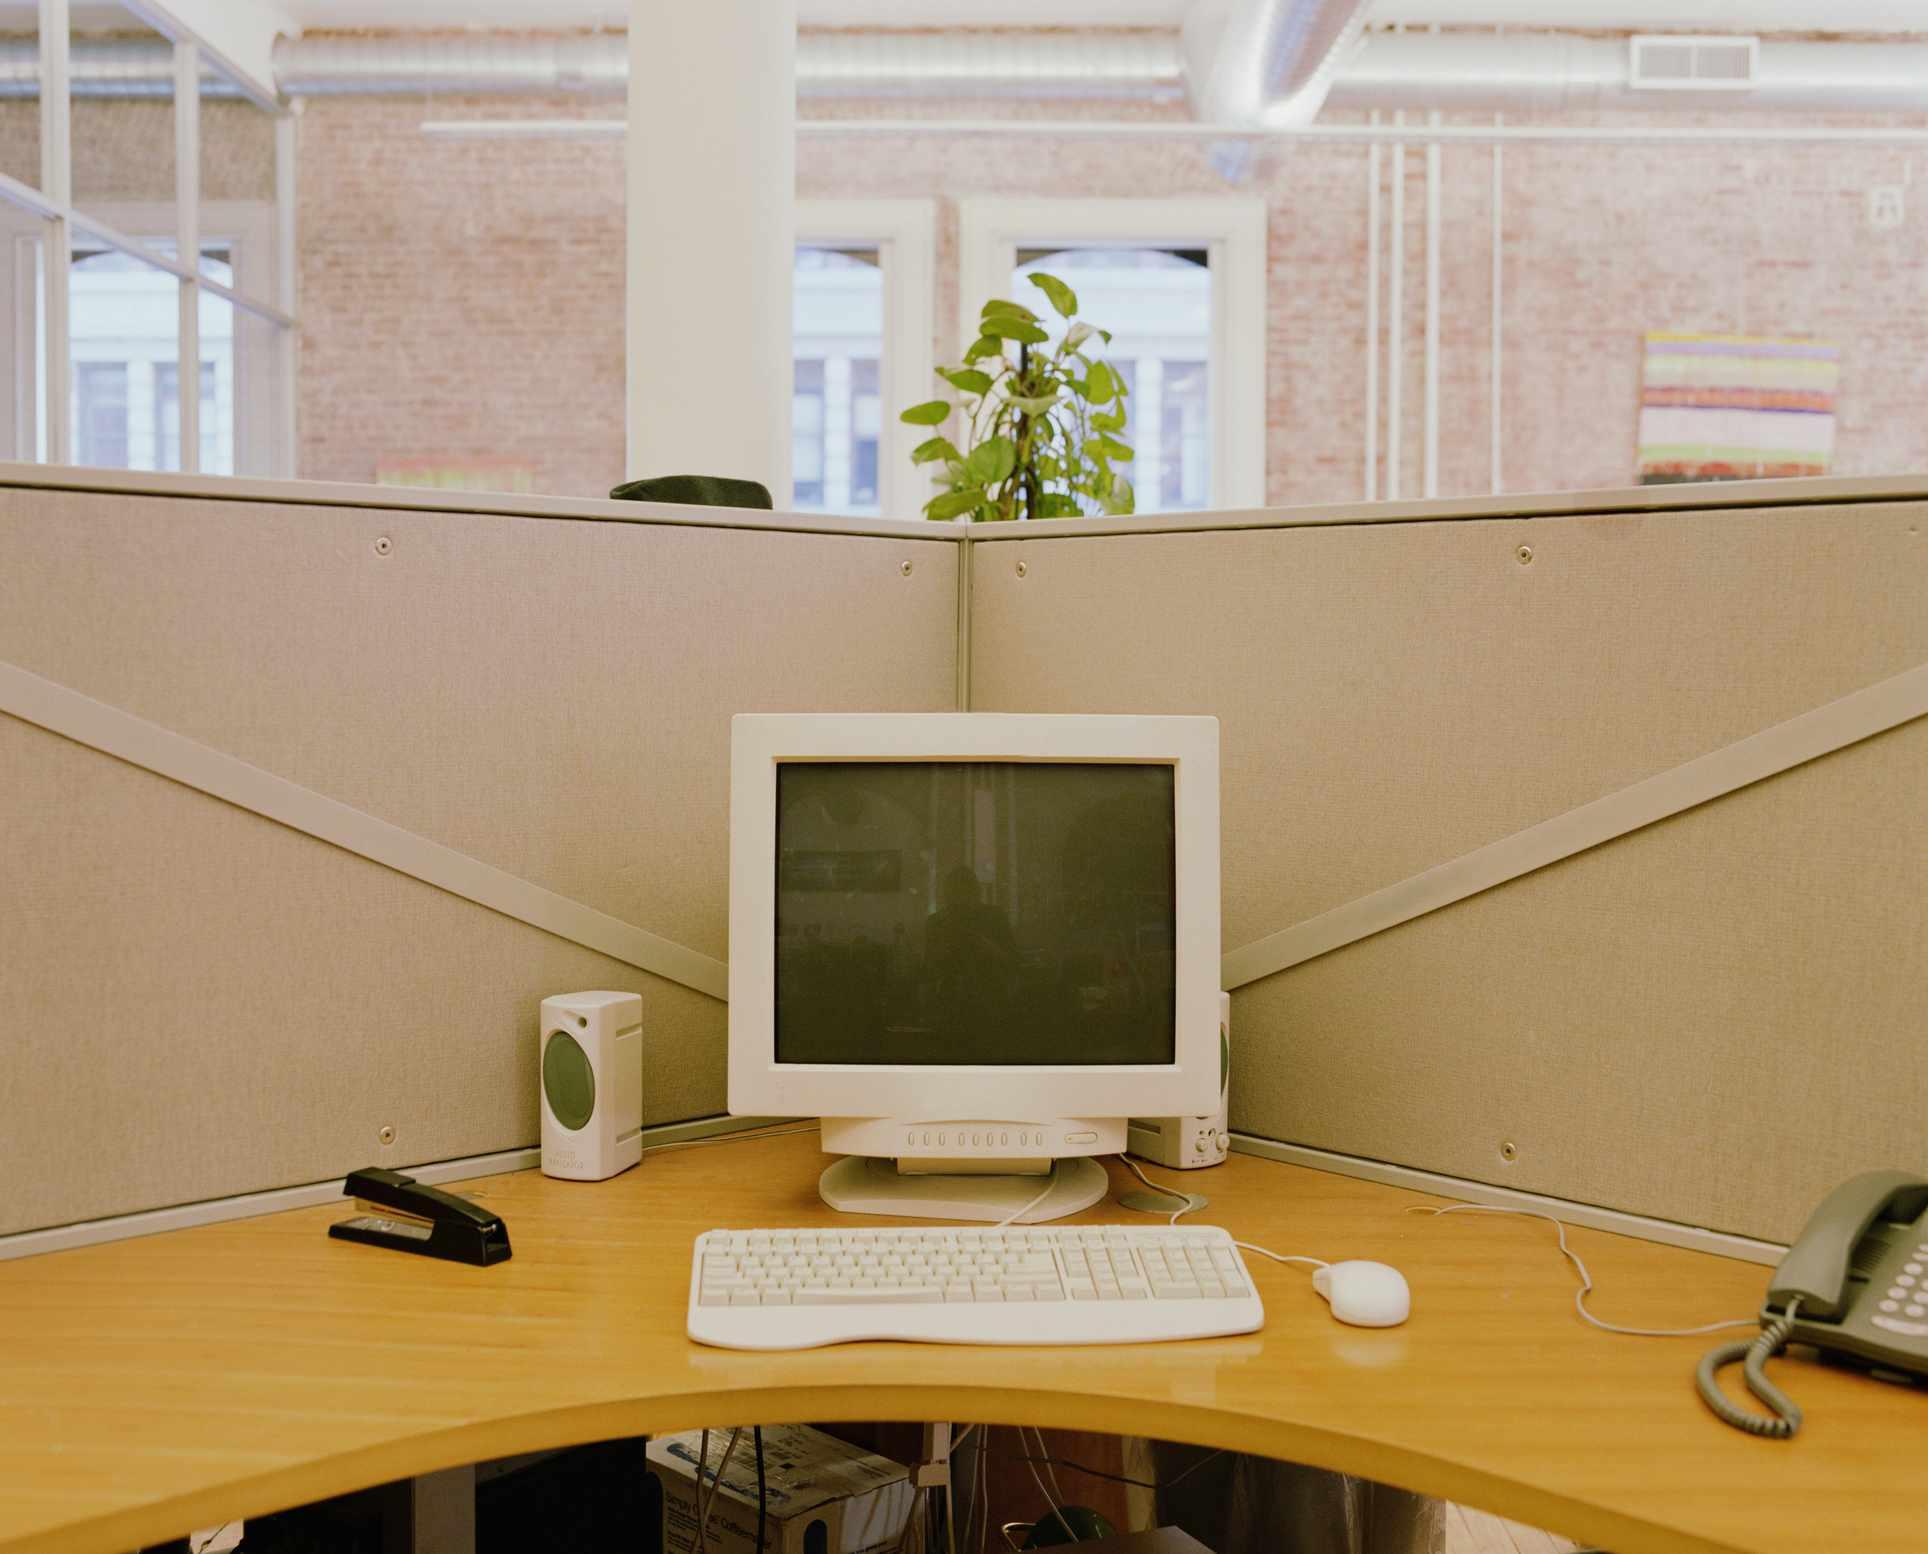 Older desktop computer at a workstation in an office